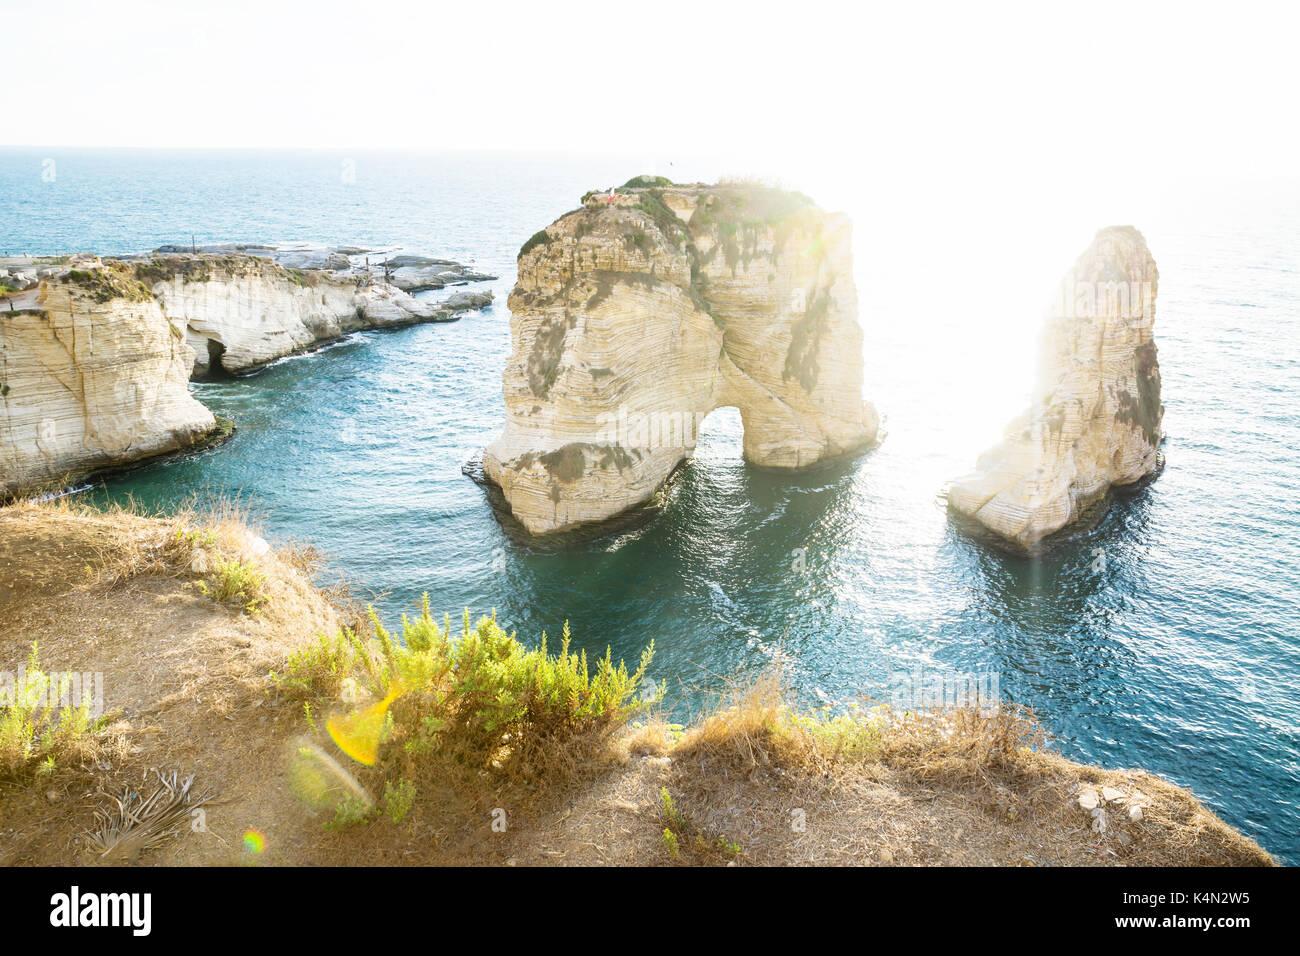 Pigeon rock con retroiluminación solar, Beirut, Líbano Imagen De Stock